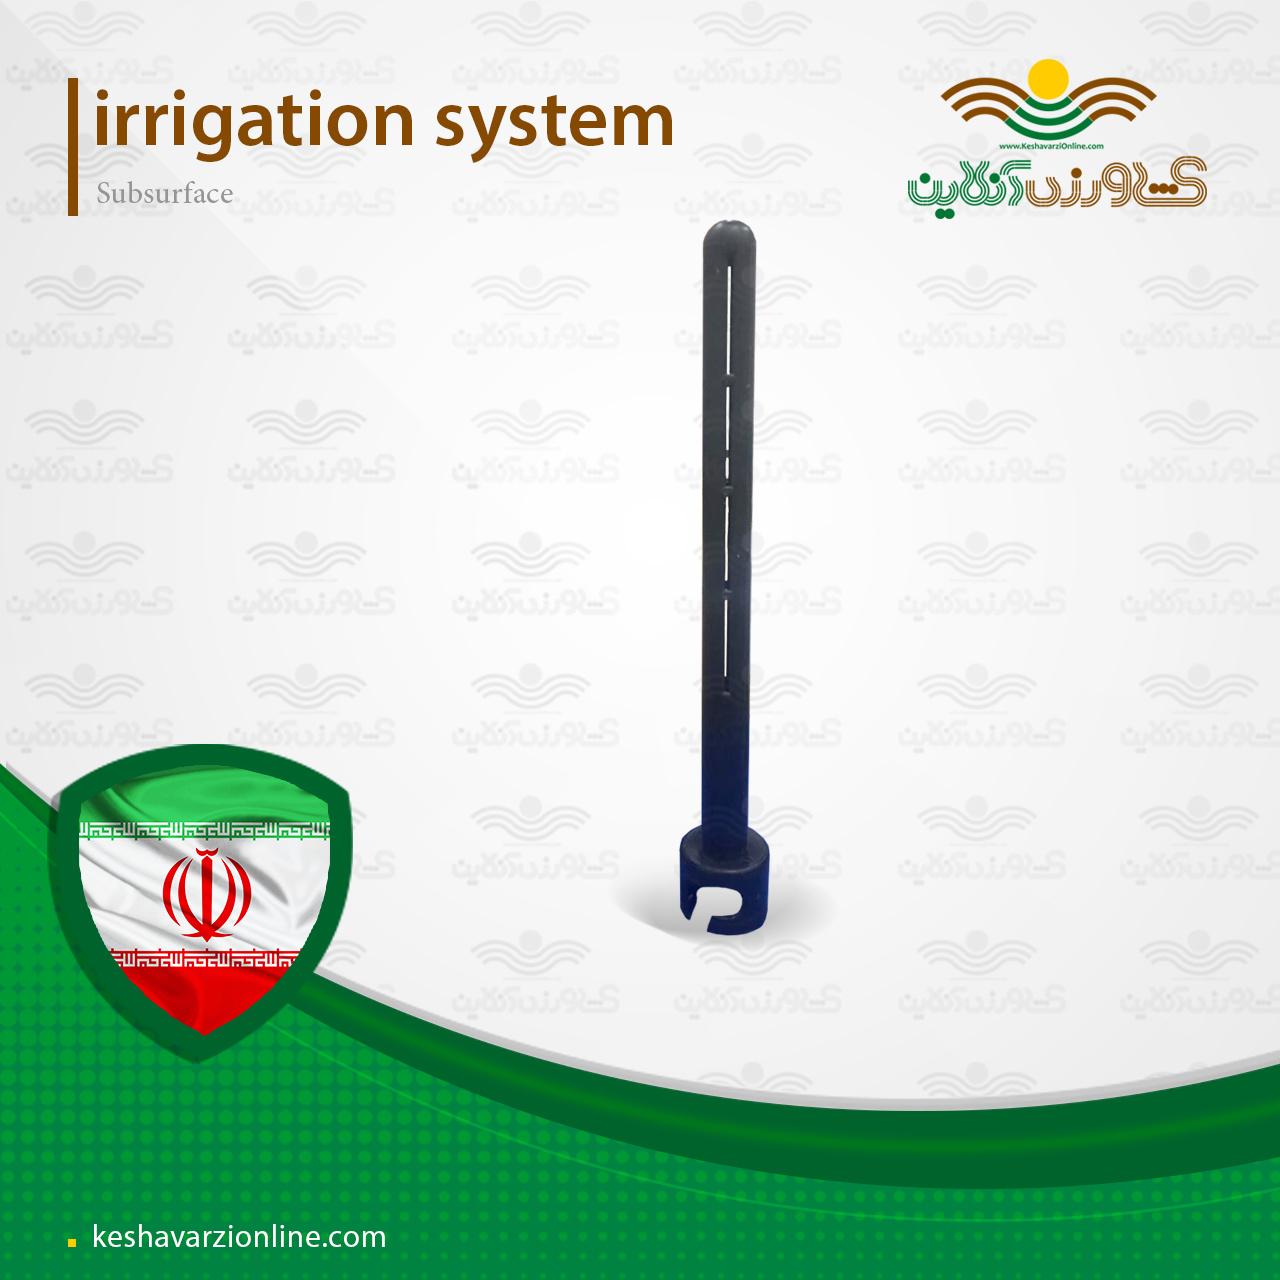 سیستم آبیاری زیر سطحی ارزان کارآمد و بصرفه